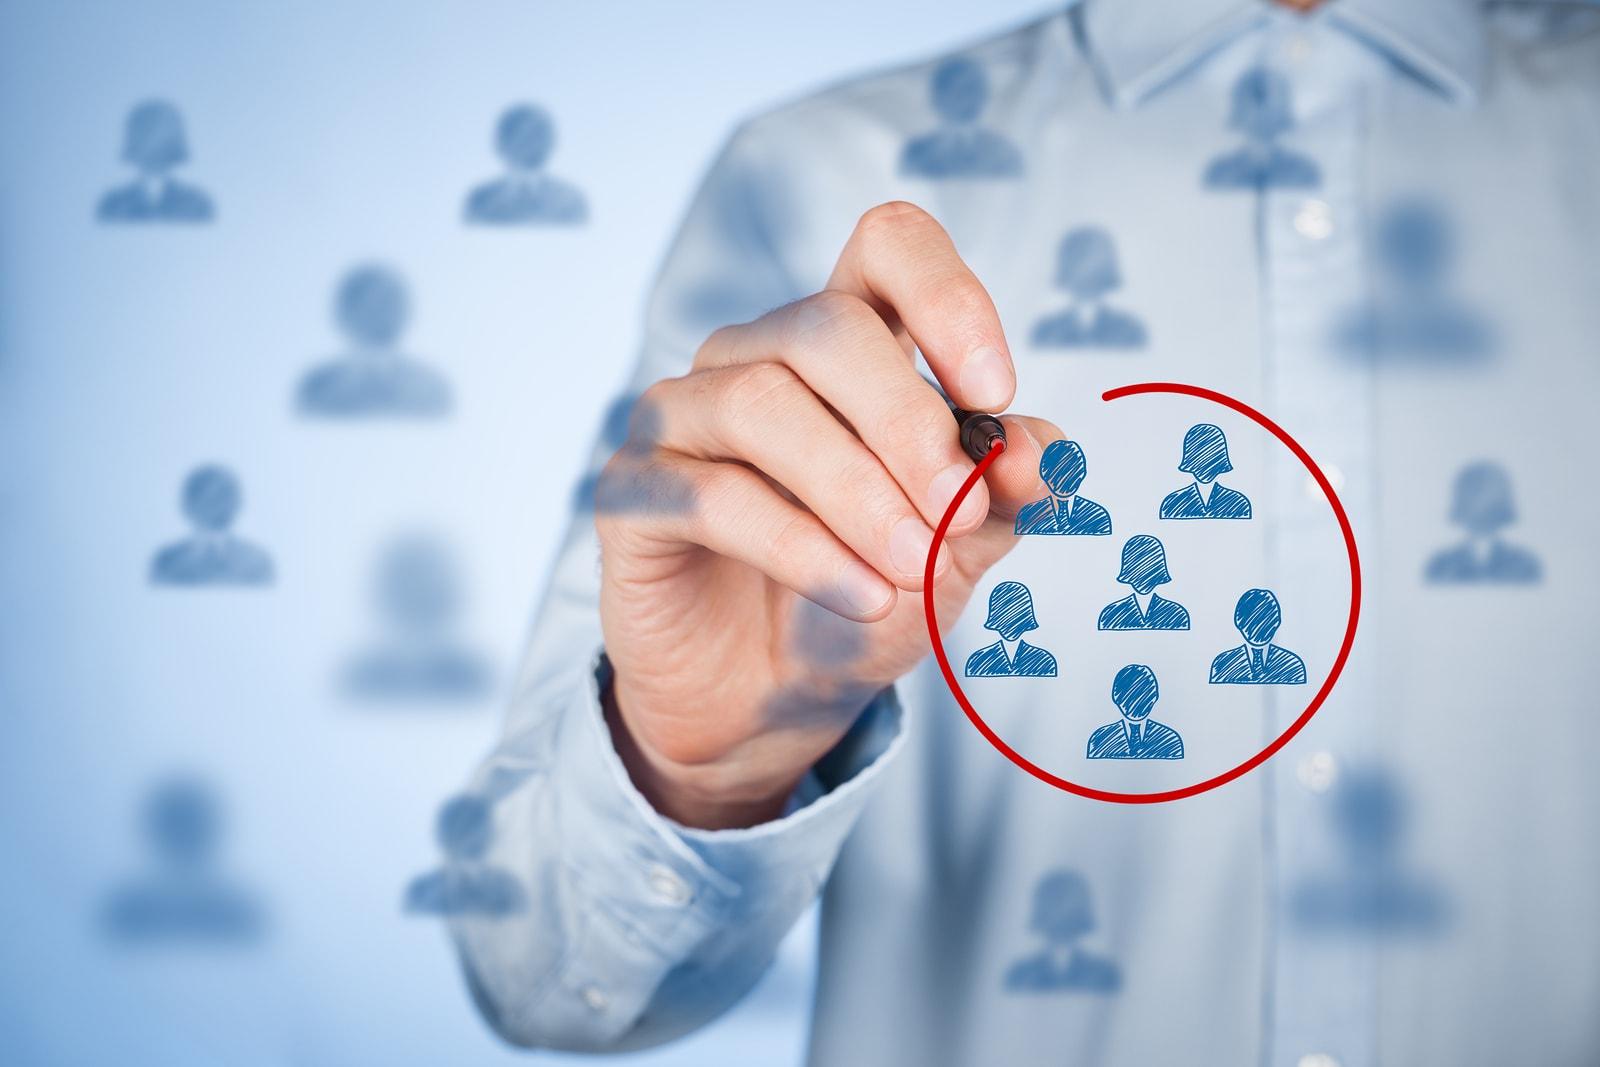 Forex network marketing